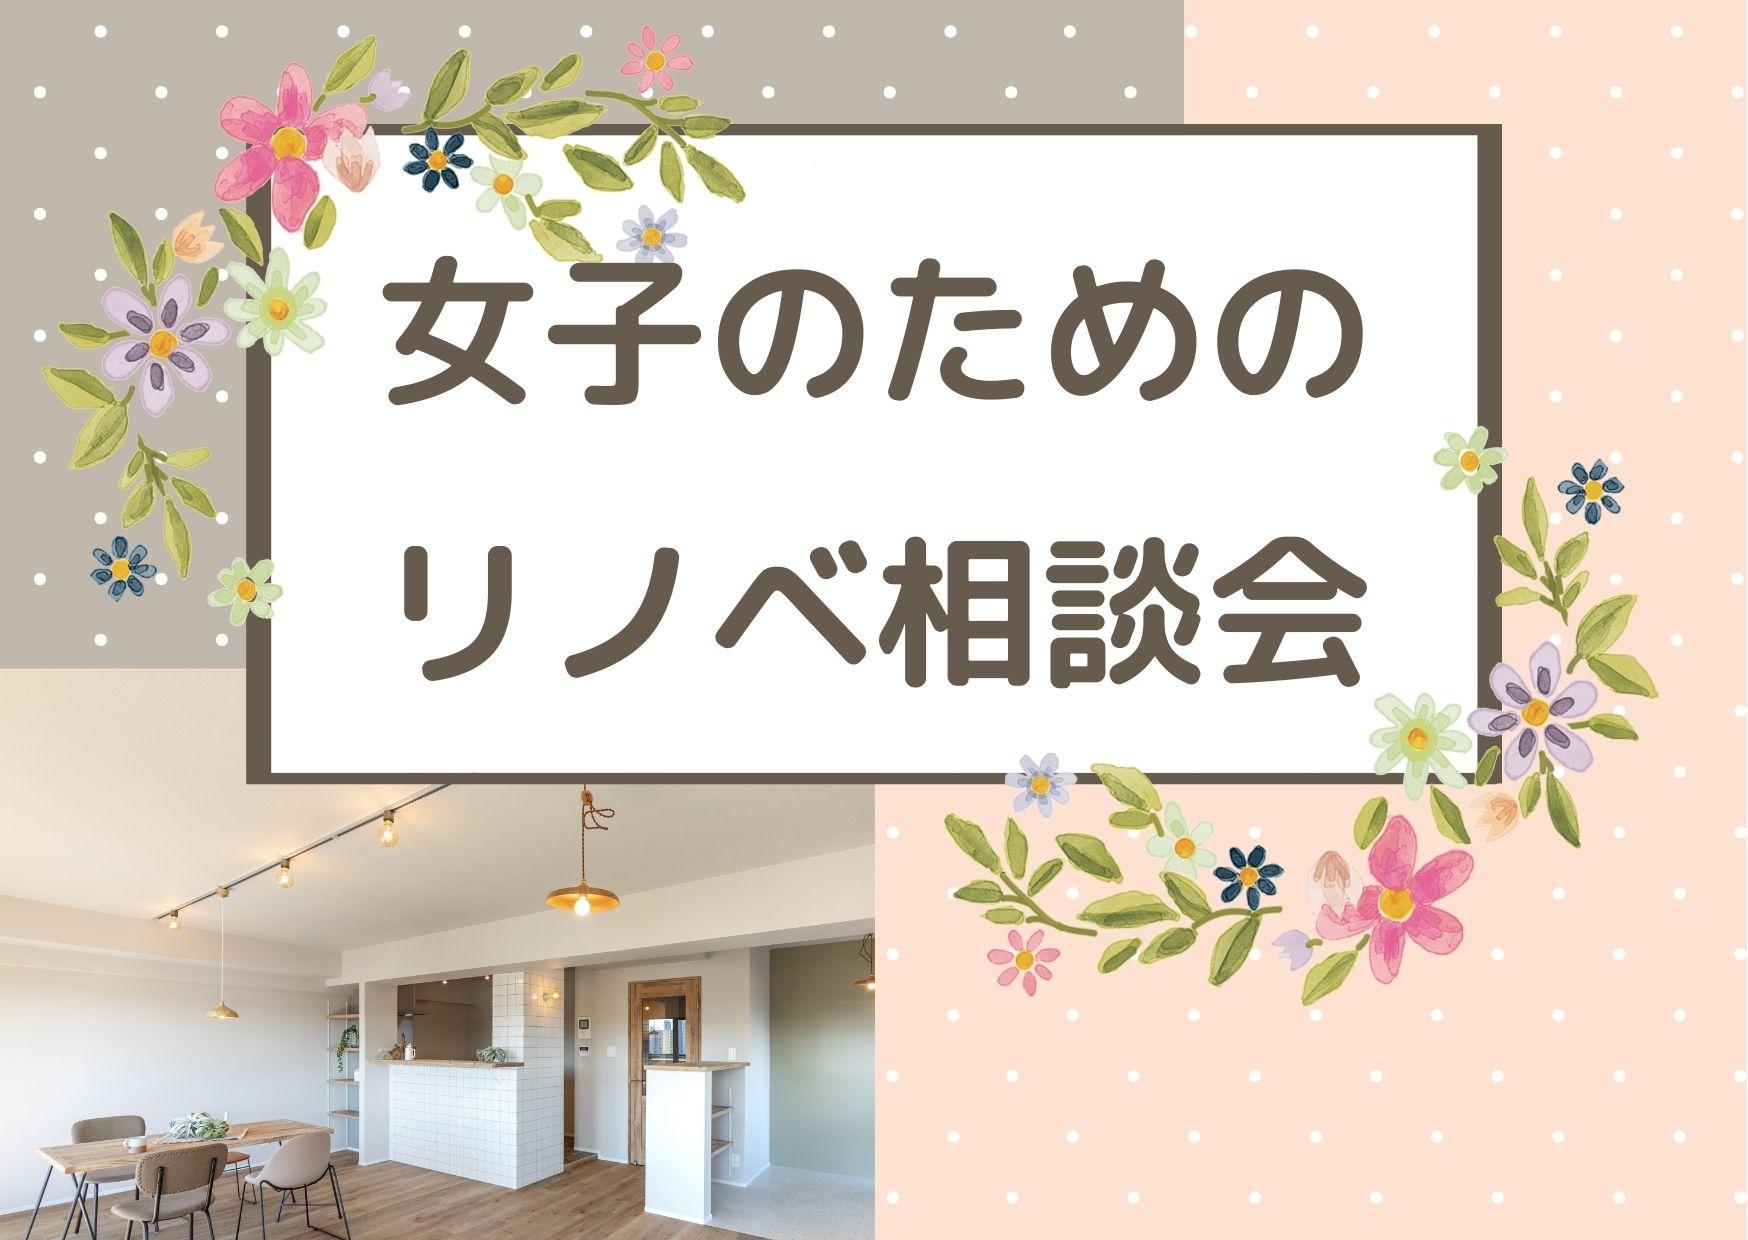 【女性プランナー・女性設計士とつくるリノベ】相談会